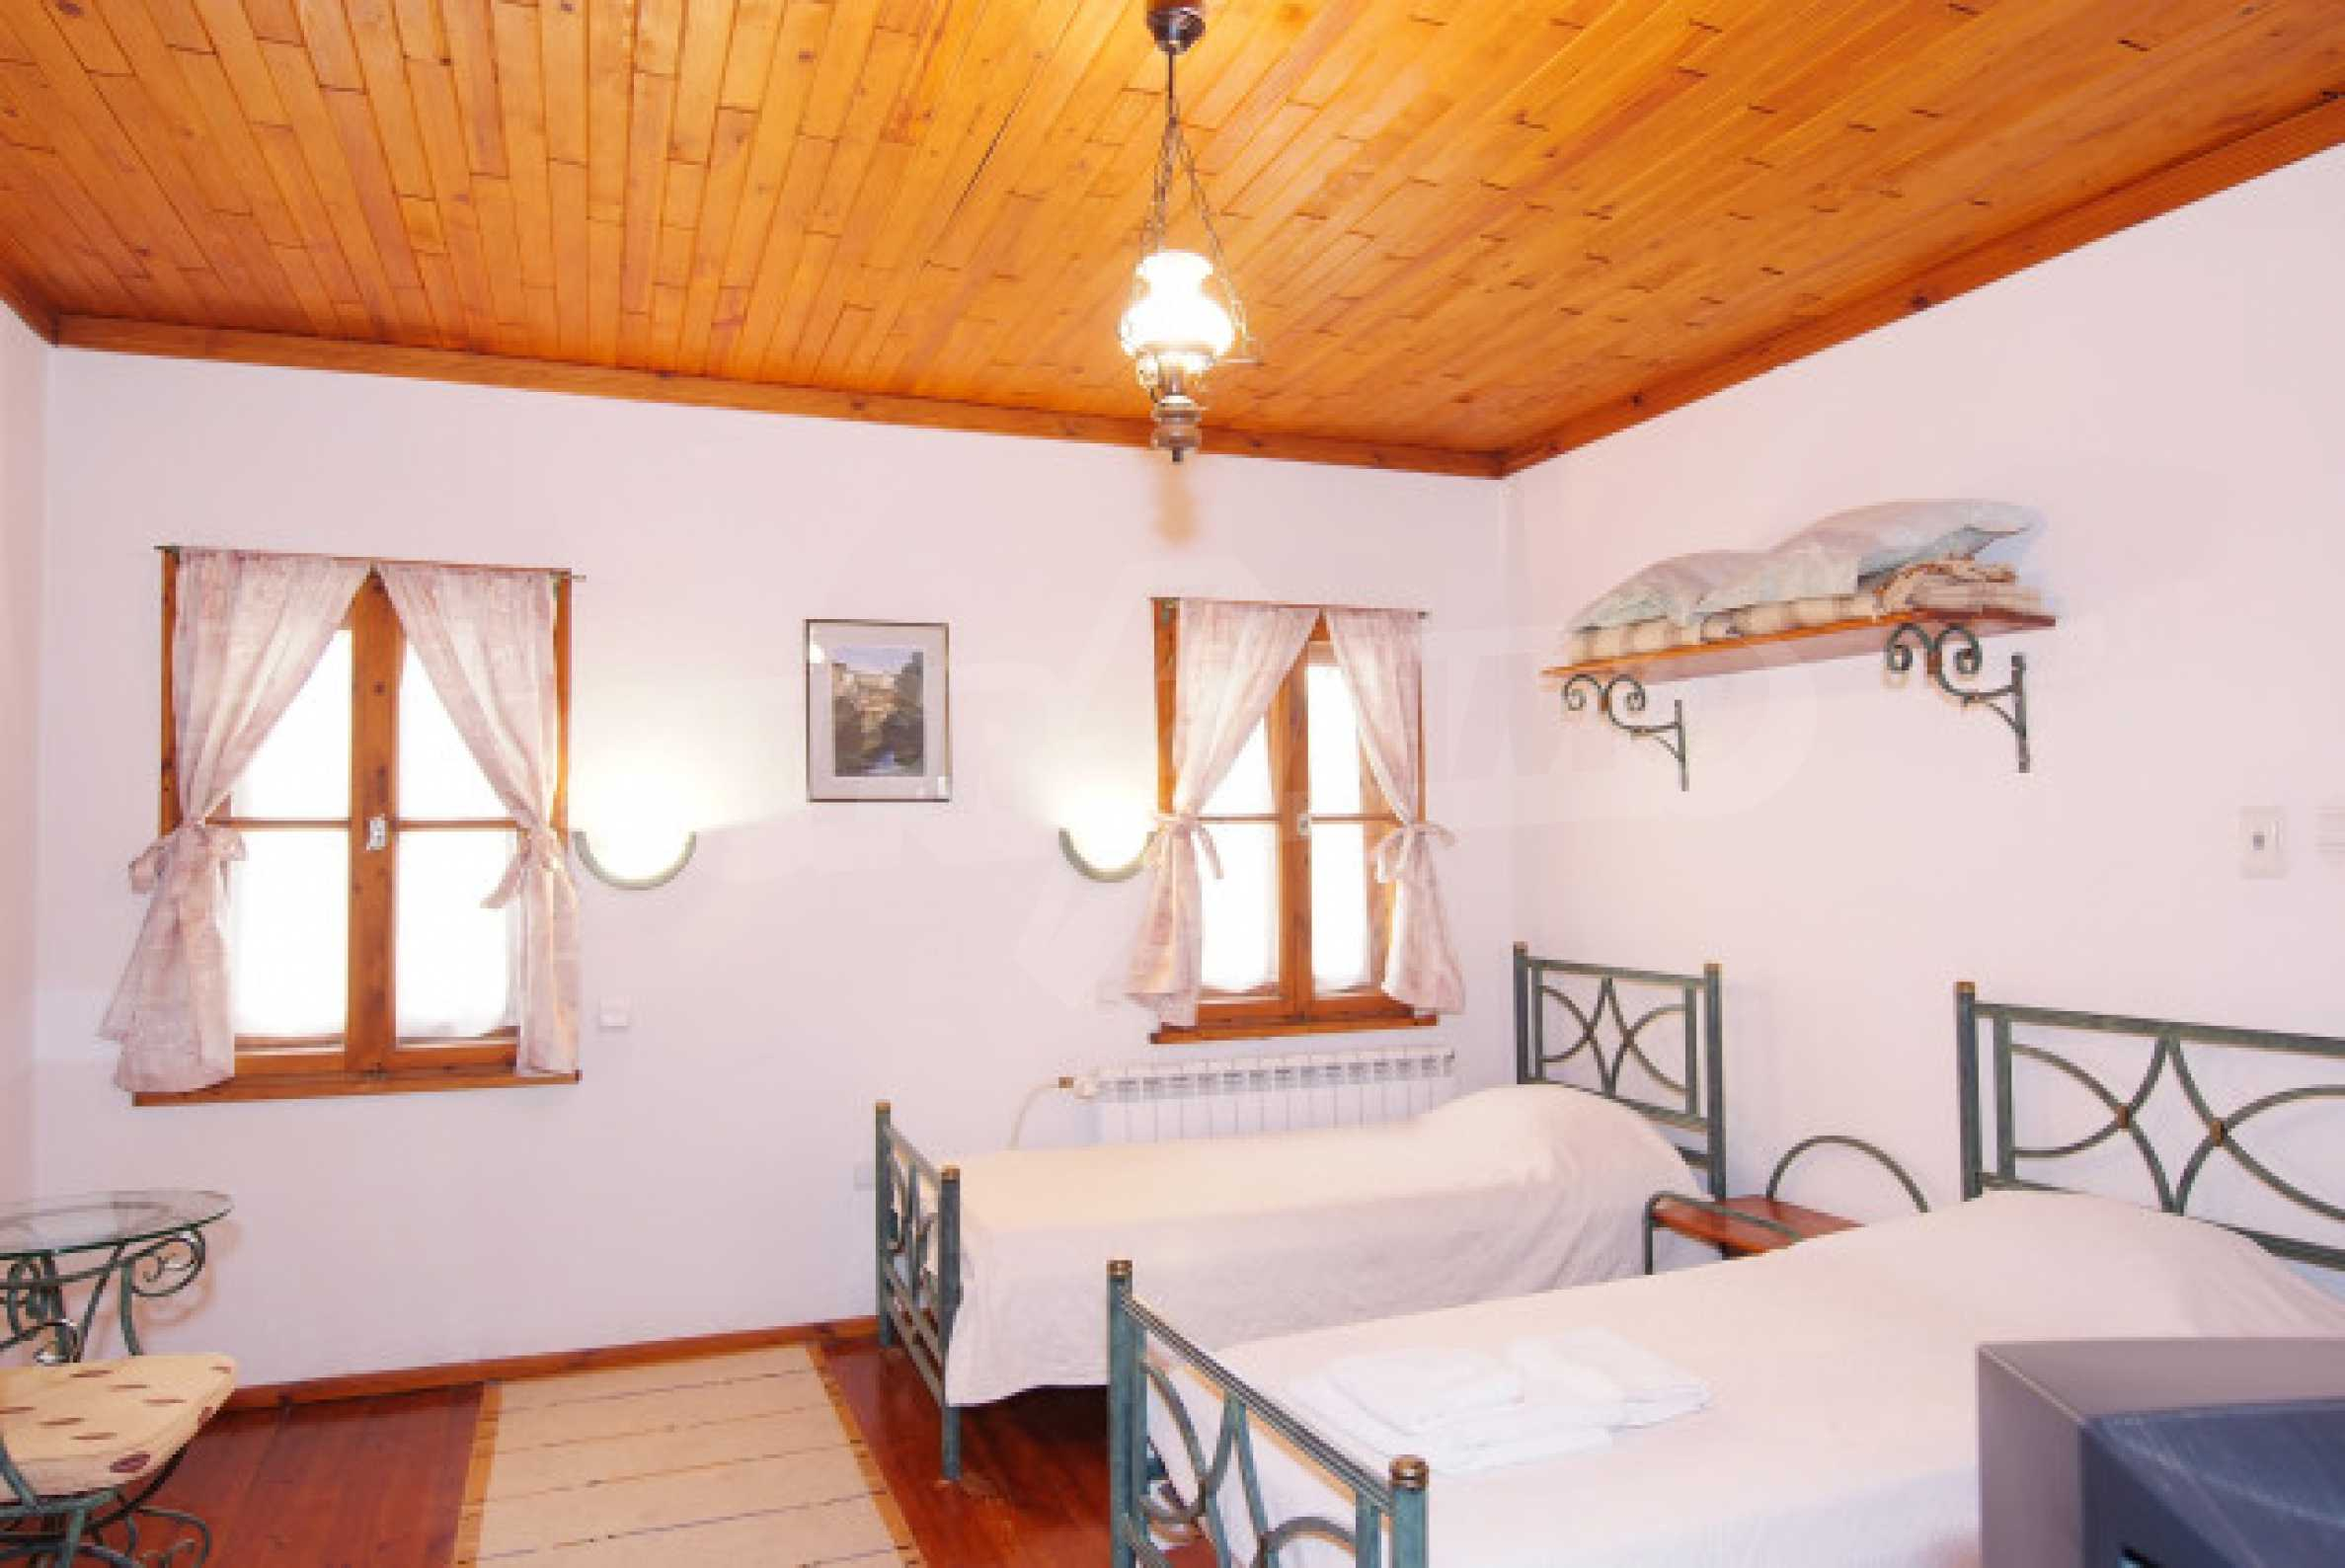 Семеен хотел в центъра на град Мелник 21